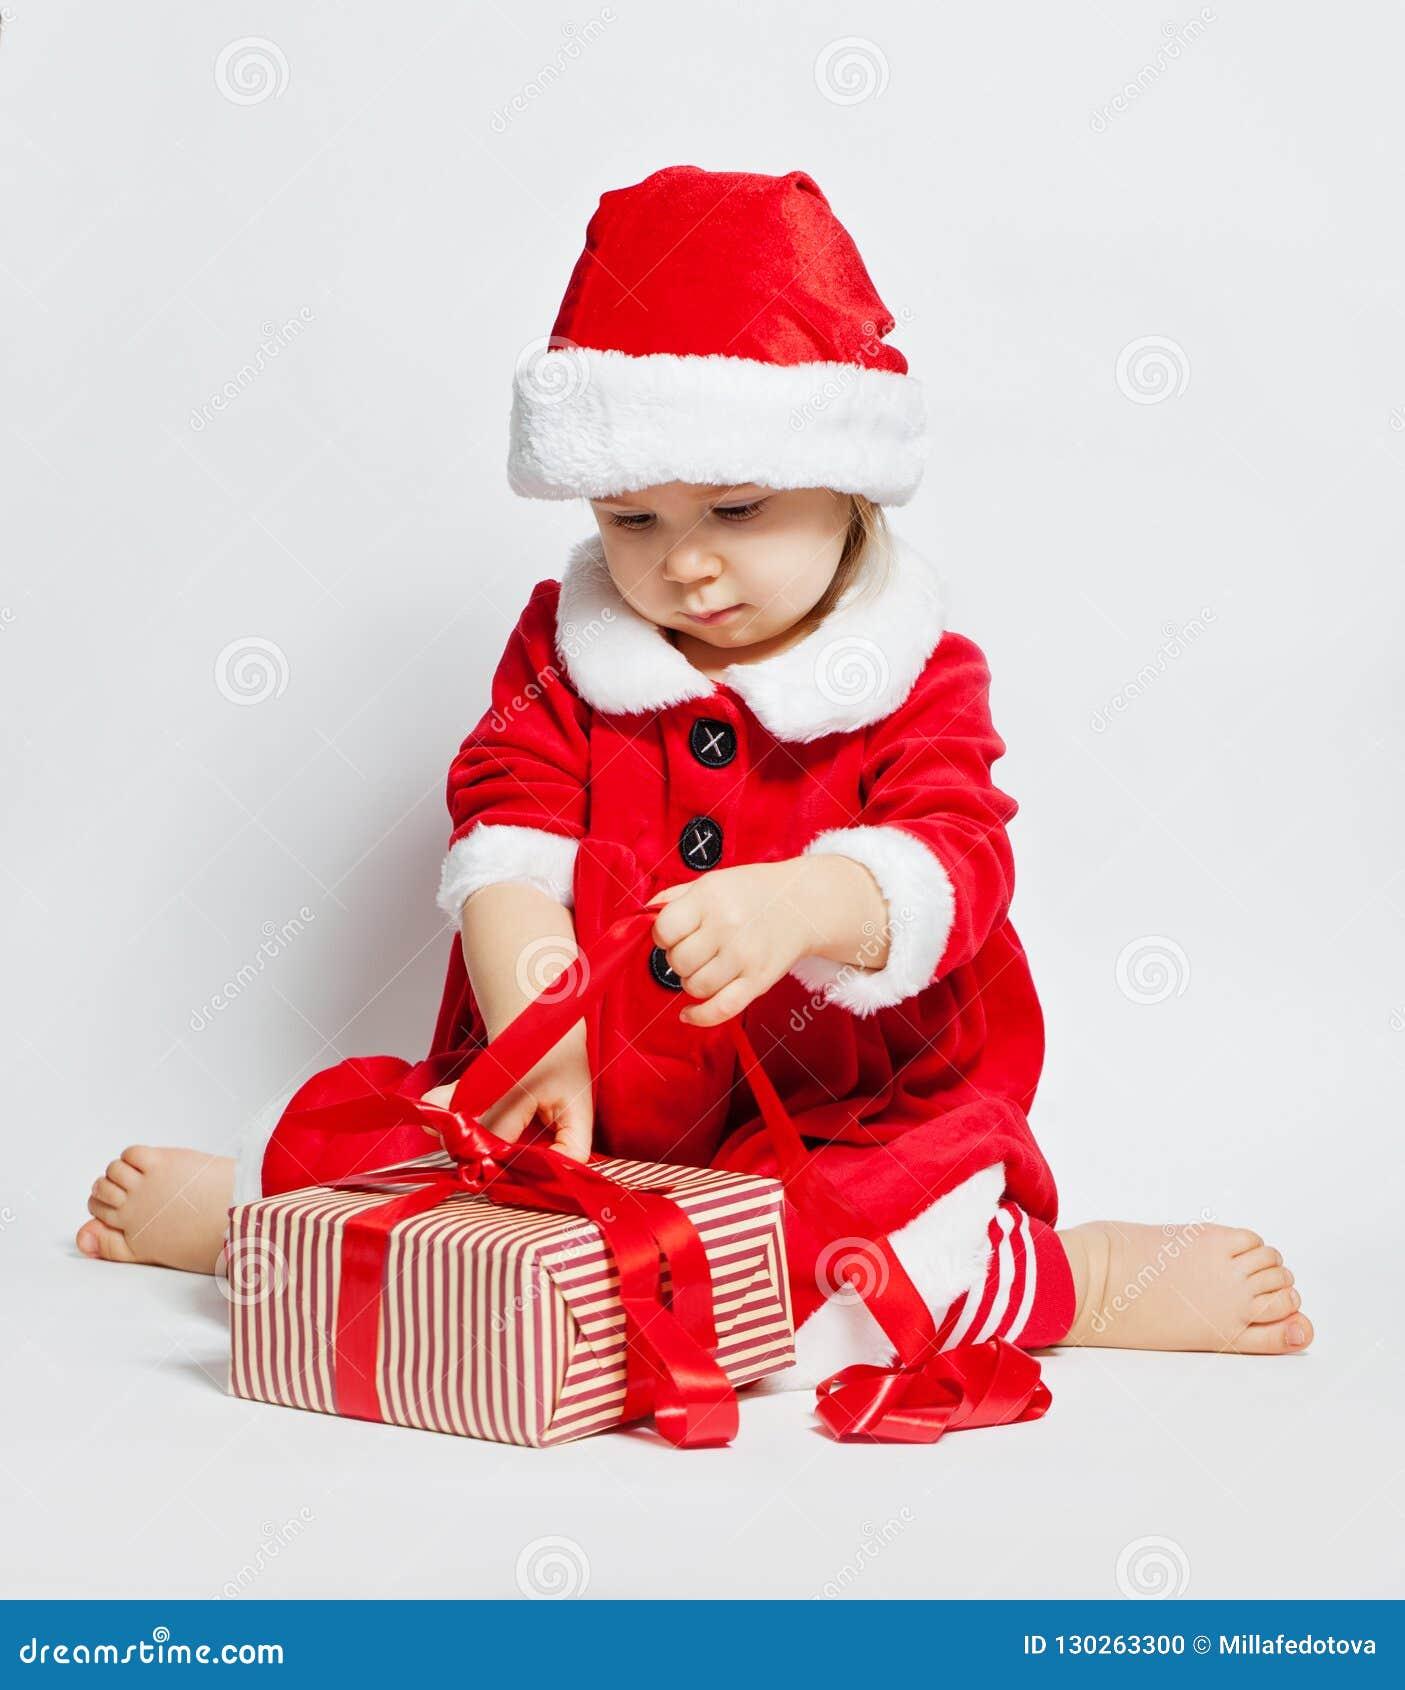 d4cb0441dbb Christmas Child Girl In Santa Hat Opening Xmas Gift Box Stock Photo ...